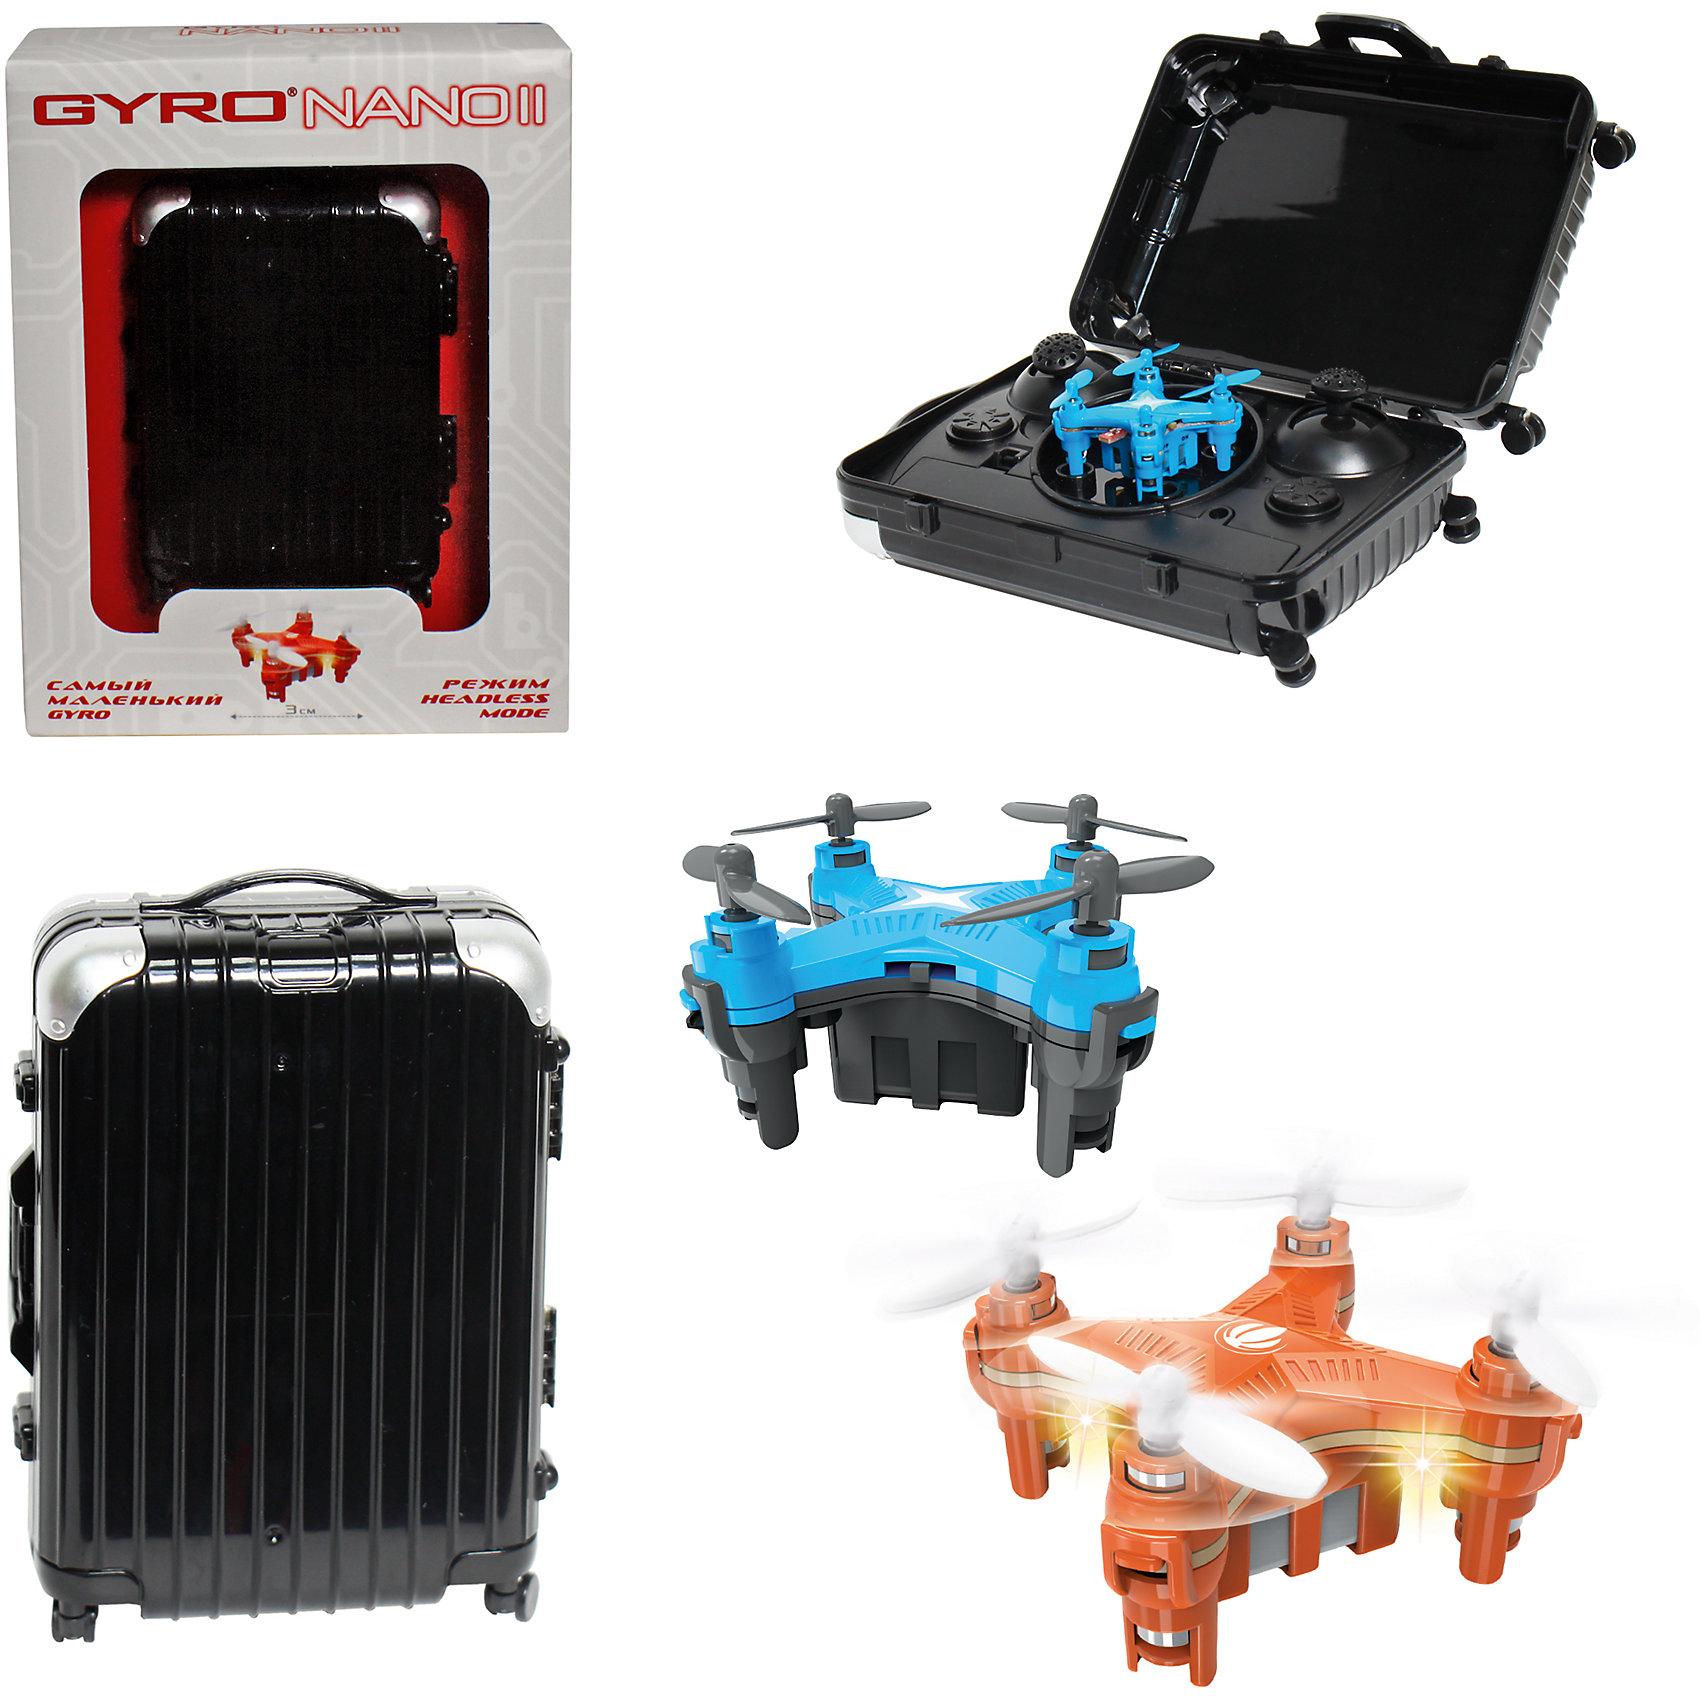 6-осевой Gyro-Nano II квадрокоптер 2,4GHz, 4 канала, в чемоданчике, 1toyКвадрокоптеры<br>6-осевой Gyro-Nano II квадрокоптер 2,4GHz, 4 канала, в чемоданчике, 1toy (1 той).<br><br>Характеристики:<br><br>• Размеры: 4,5х4,5 см.<br>• Частота управления - 2,4GHz.<br>• Зарядное устройство: USB-кабель.<br>• Зарядка-25мин, полёт-8мин.<br>• Радиус действия: до 50 метров. <br>• Аккумулятор: 3.7V/100mAh.<br>• Пульт работает от 3х батареек ААА (батарейки в комлект не входят).<br><br>Модель Gyro-Nano II прекрасно подходит для начинающих пилотов, которым ранее не приходилось управлять квадрокоптерами. Модель сочетает все лучшие функции более дорогих квадрокоптеров в небольшом корпусе. Благодаря своему миниатюрному размеру в 3 см, квадрокоптер отлично подходит для полётов дома. Модель управляется на частоте 2,4GHz, имеет два скоростных режима, обладает 6-осевым гироскопом, благодаря которому квадрокоптер способен взлетать даже в броске, а также делать сальто на 360°.Интересной особенностью является также и пульт модели, стилизованный под дорожный чемоданчик.<br><br>6-осевой Gyro-Nano II квадрокоптер 2,4GHz, 4 канала, в чемоданчике, 1toy (1 той), можно купить в нашем интернет – магазине.<br><br>Ширина мм: 185<br>Глубина мм: 55<br>Высота мм: 145<br>Вес г: 233<br>Возраст от месяцев: 60<br>Возраст до месяцев: 192<br>Пол: Мужской<br>Возраст: Детский<br>SKU: 5154276